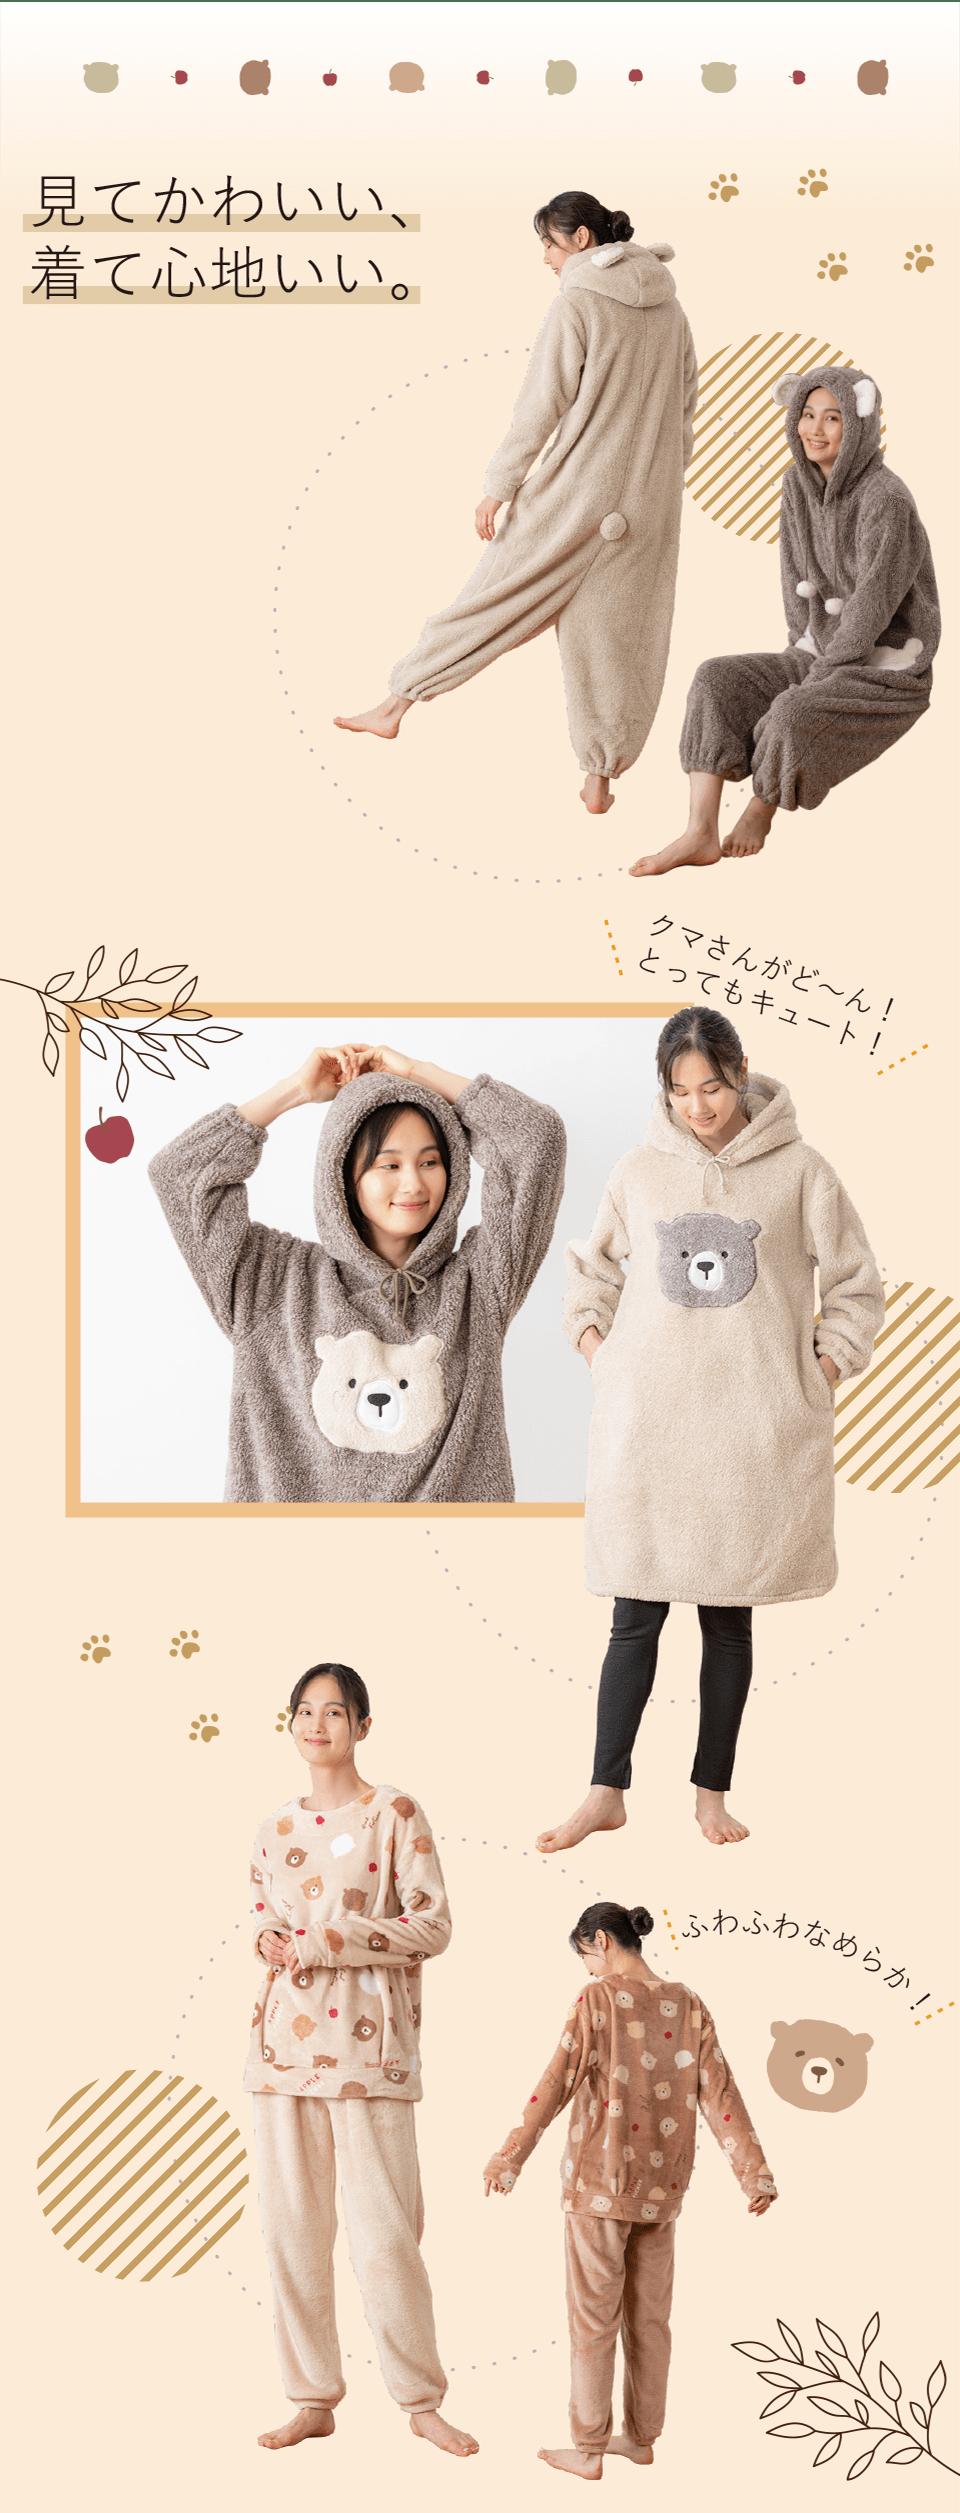 温かいクマのパジャマとワンピース